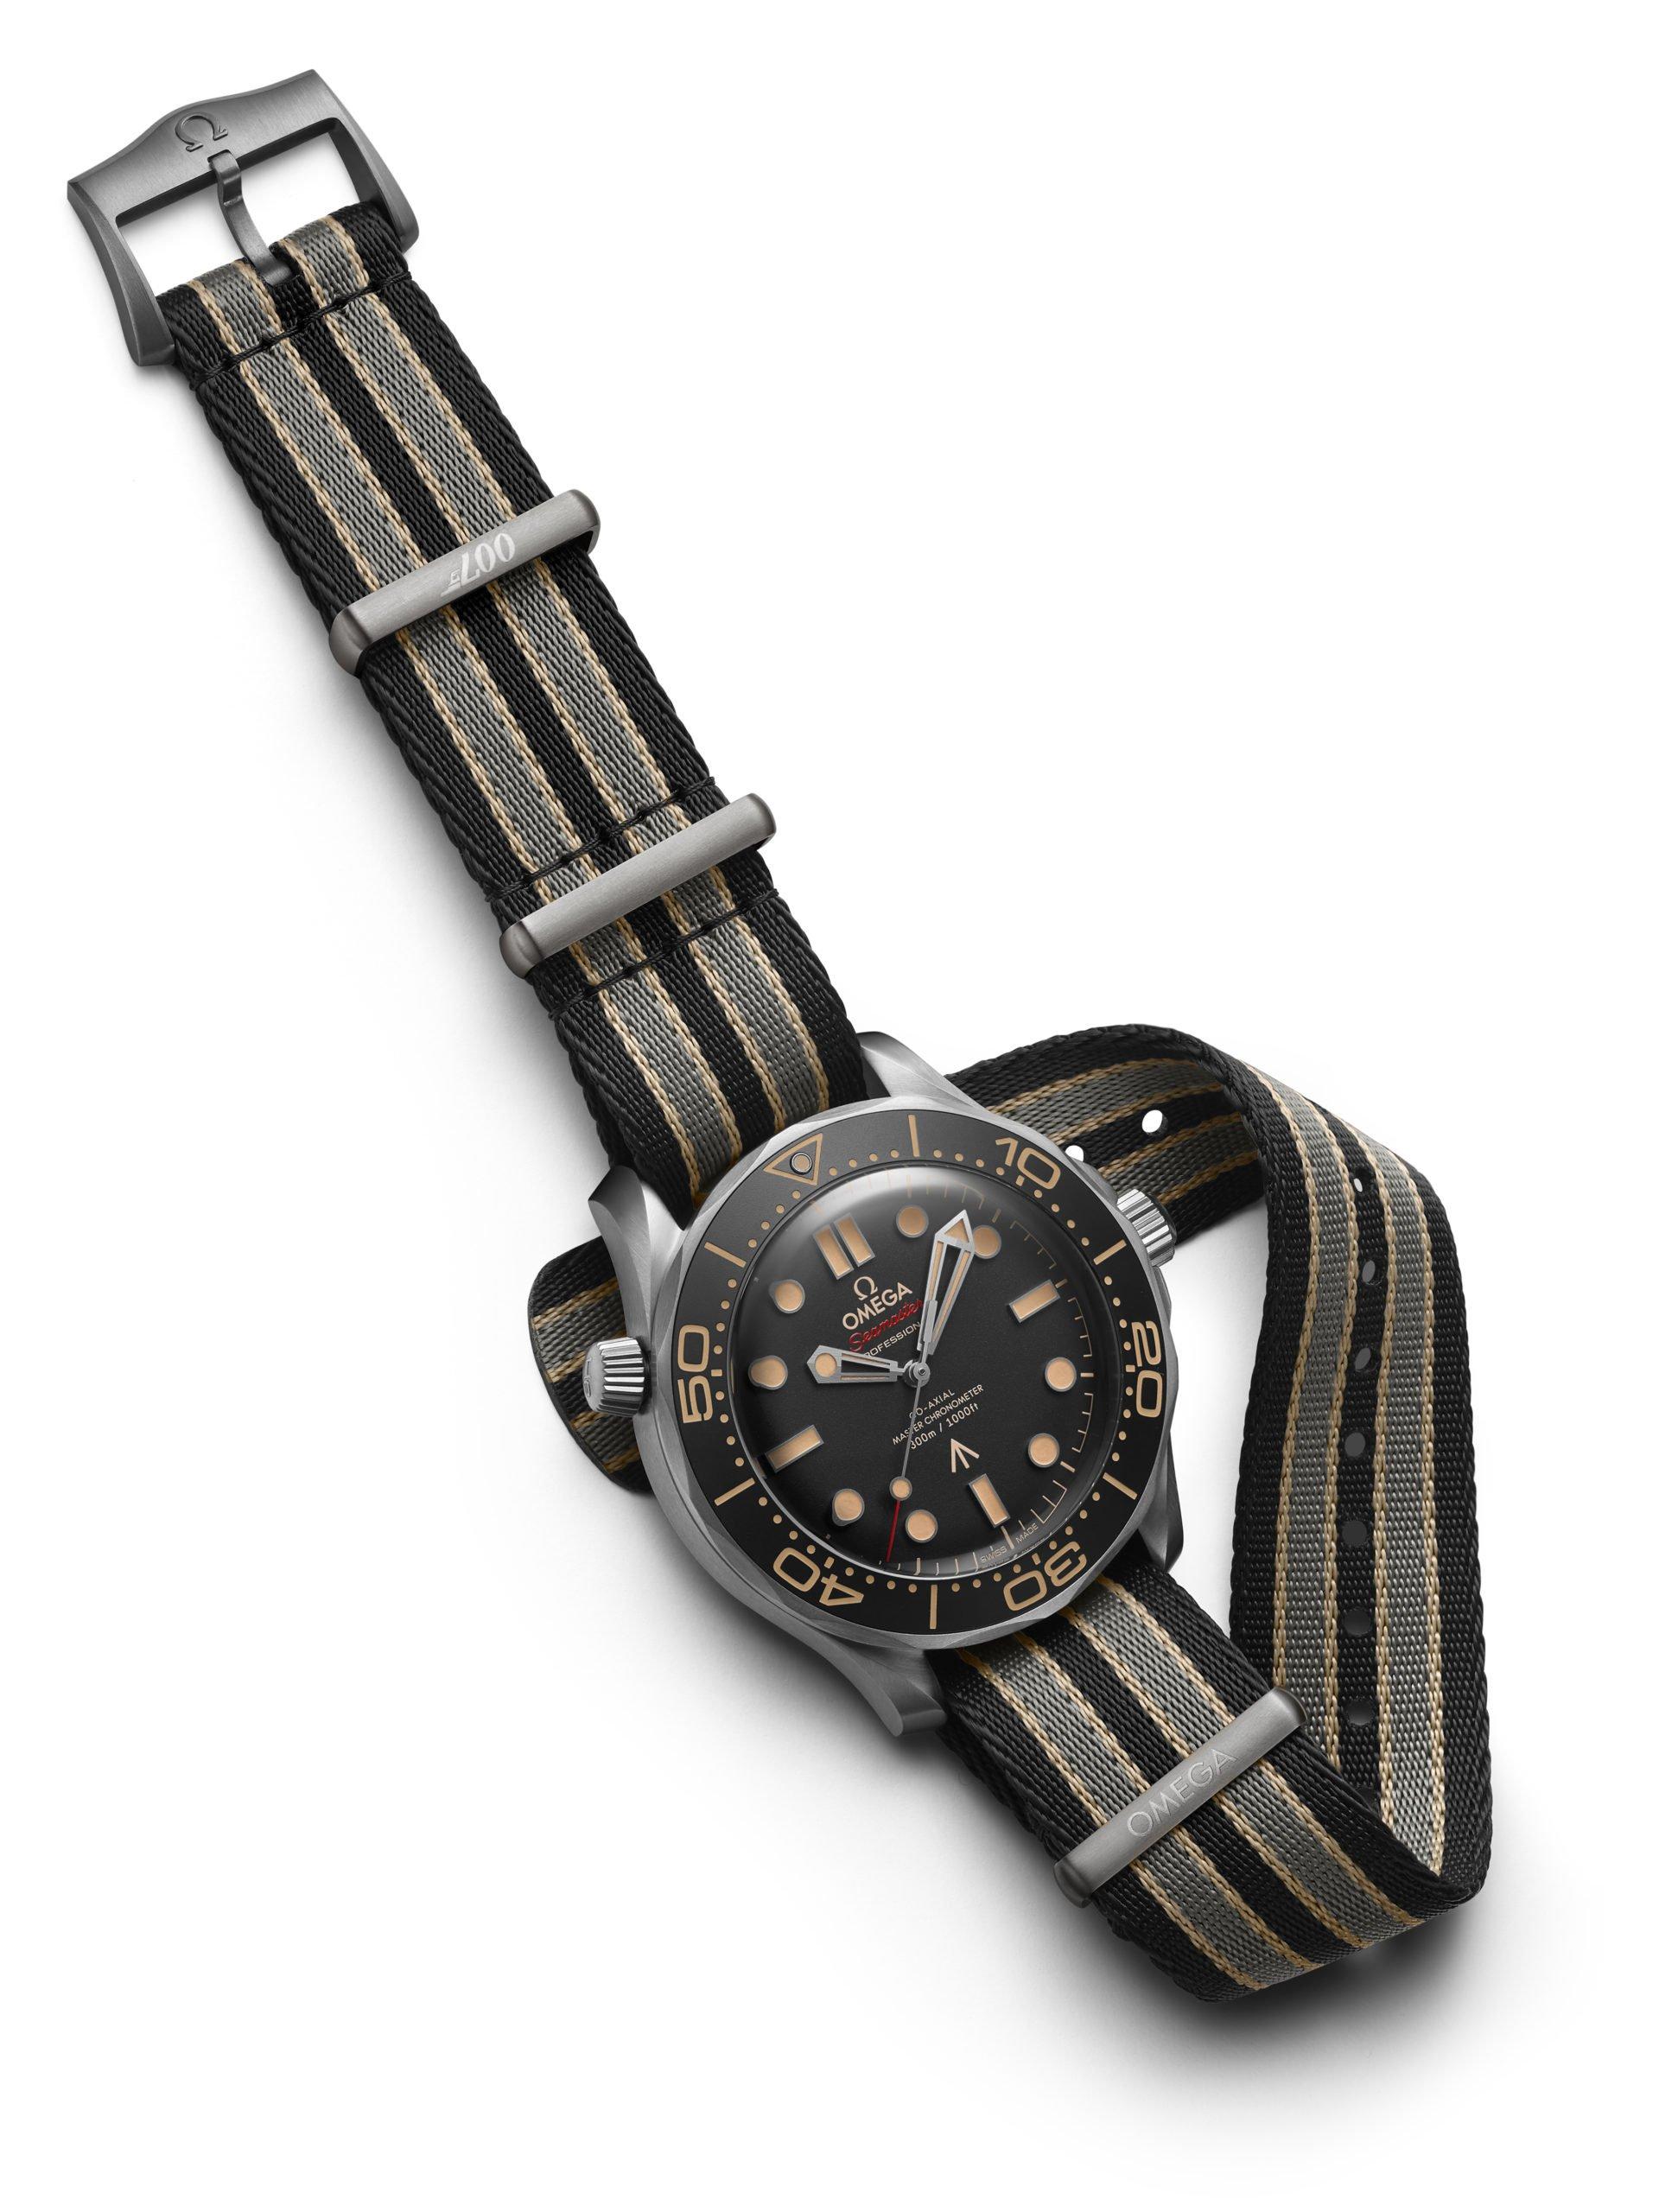 James-Bond-Uhr-007-Keine-Zeit-zu-Sterben-Film-Omega-Seamaster-Nato-Strap-Textil